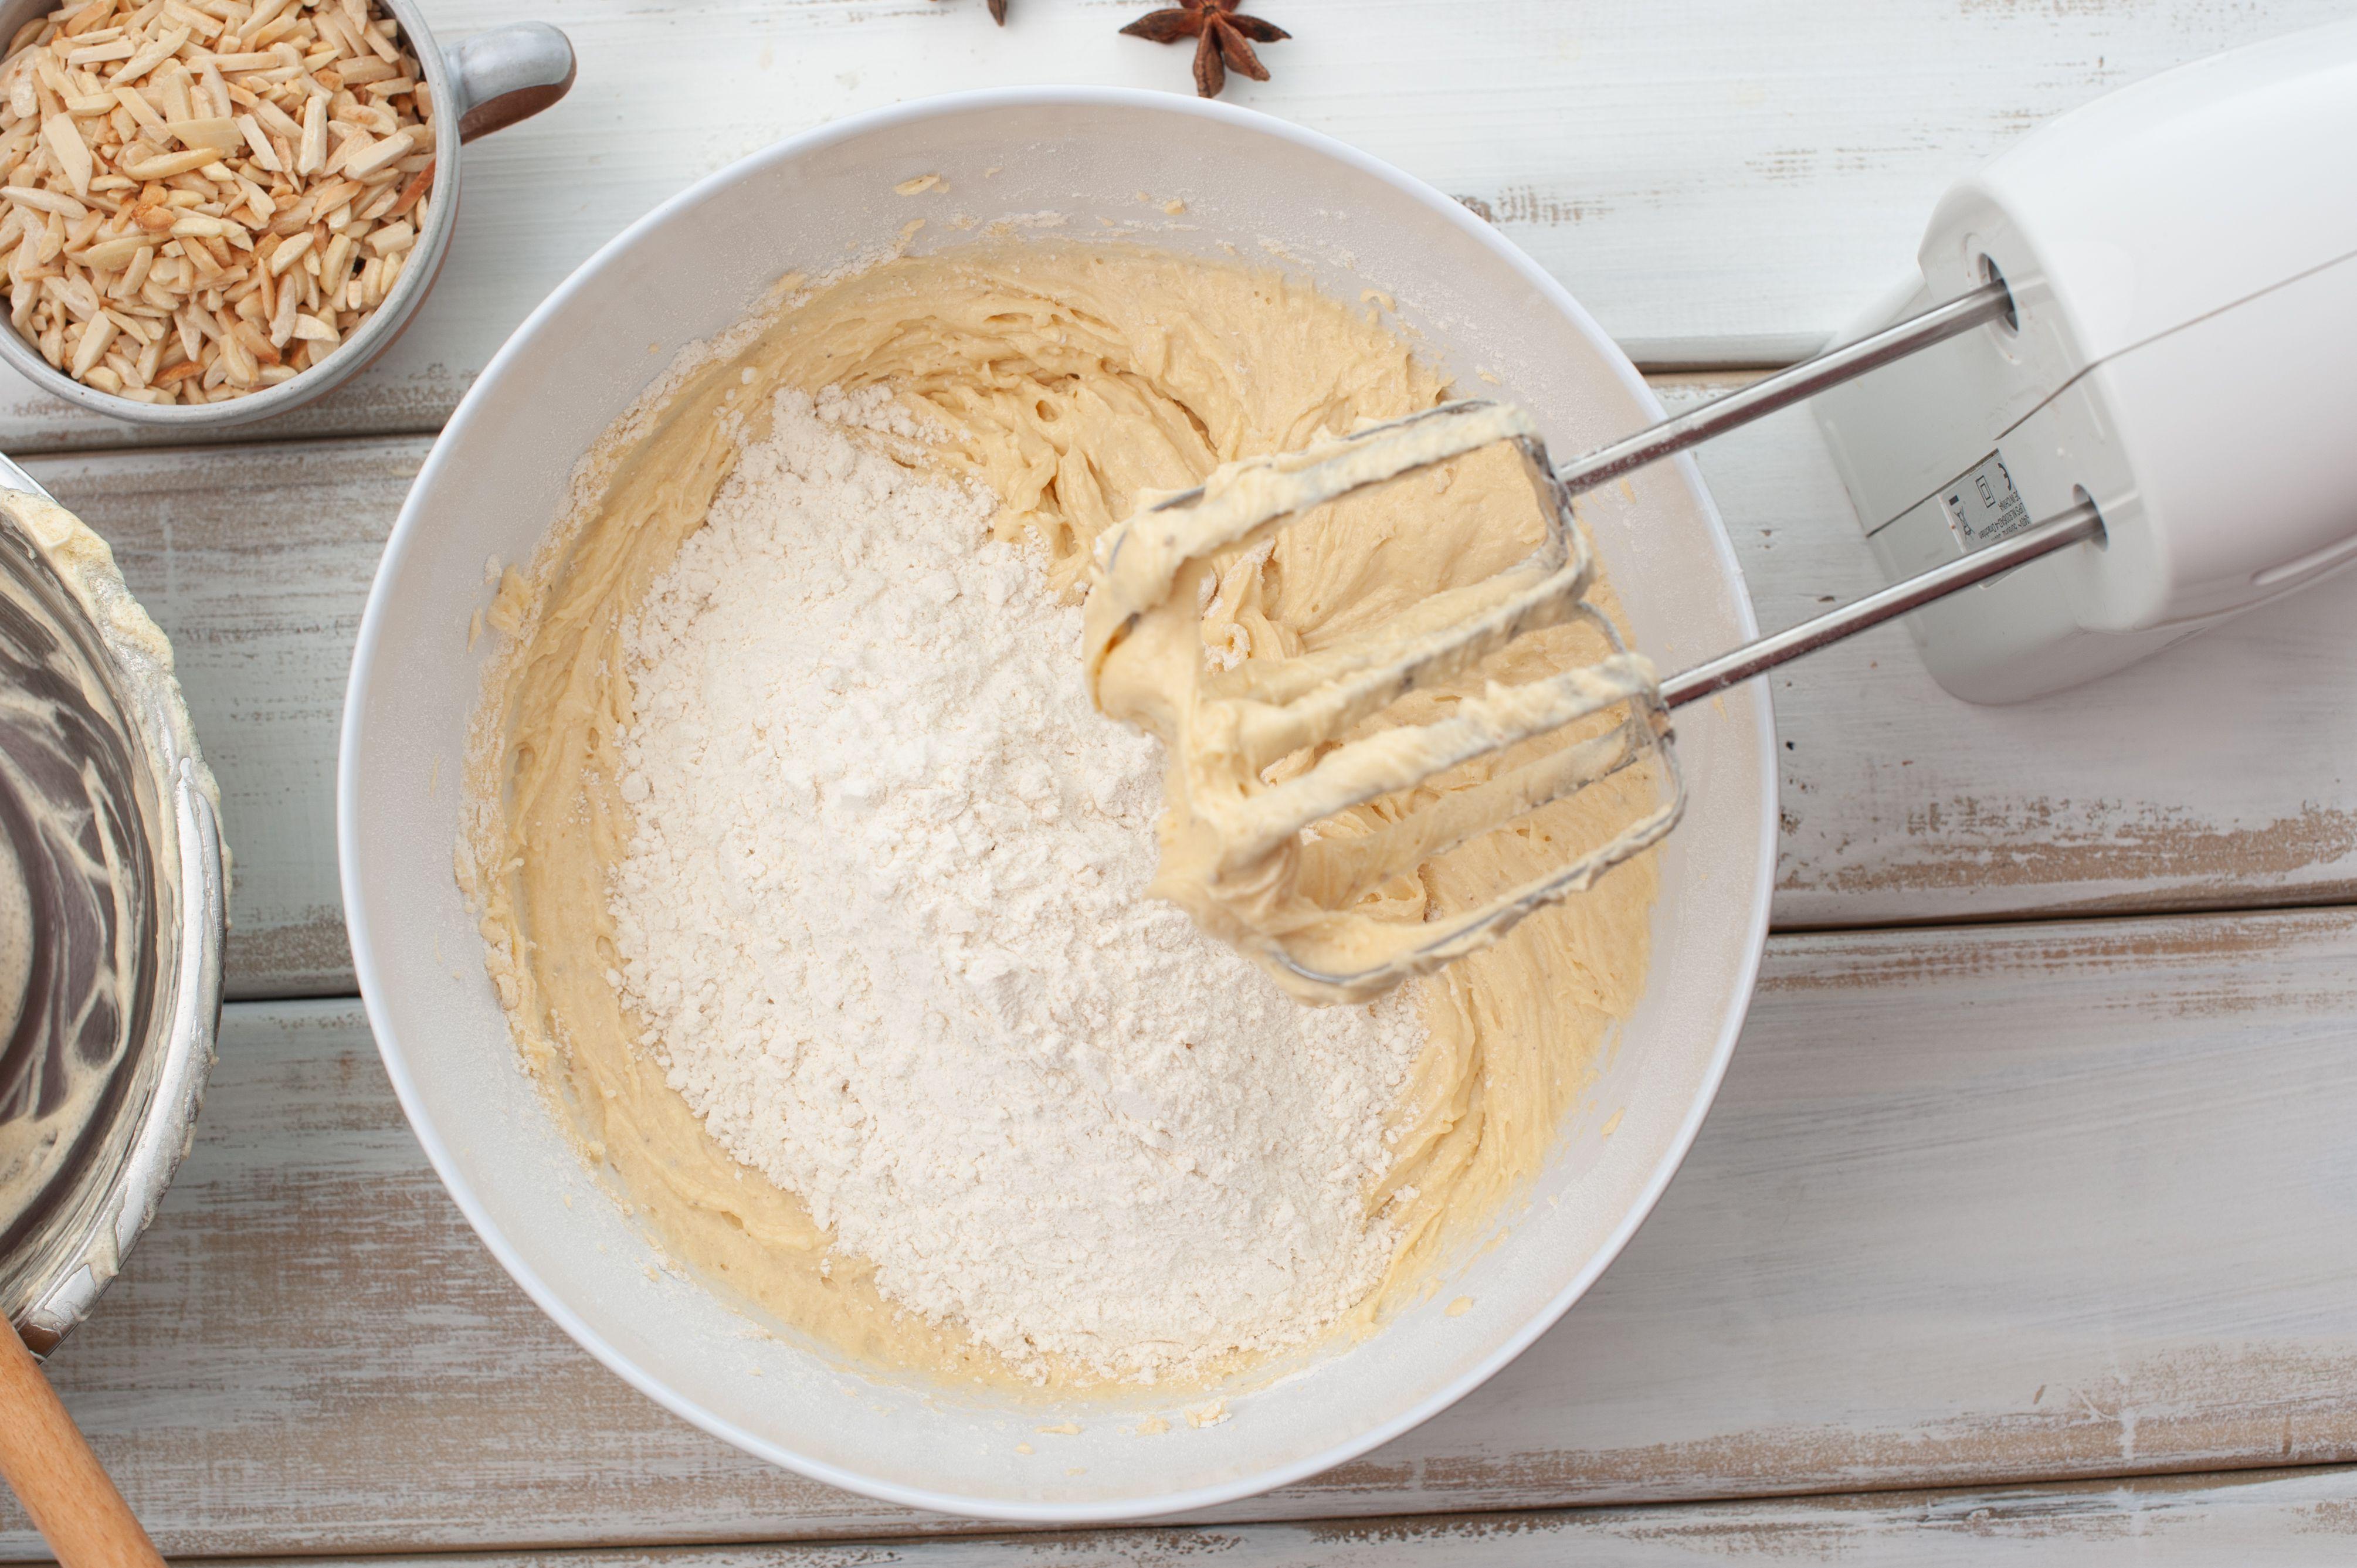 Gradually add flour